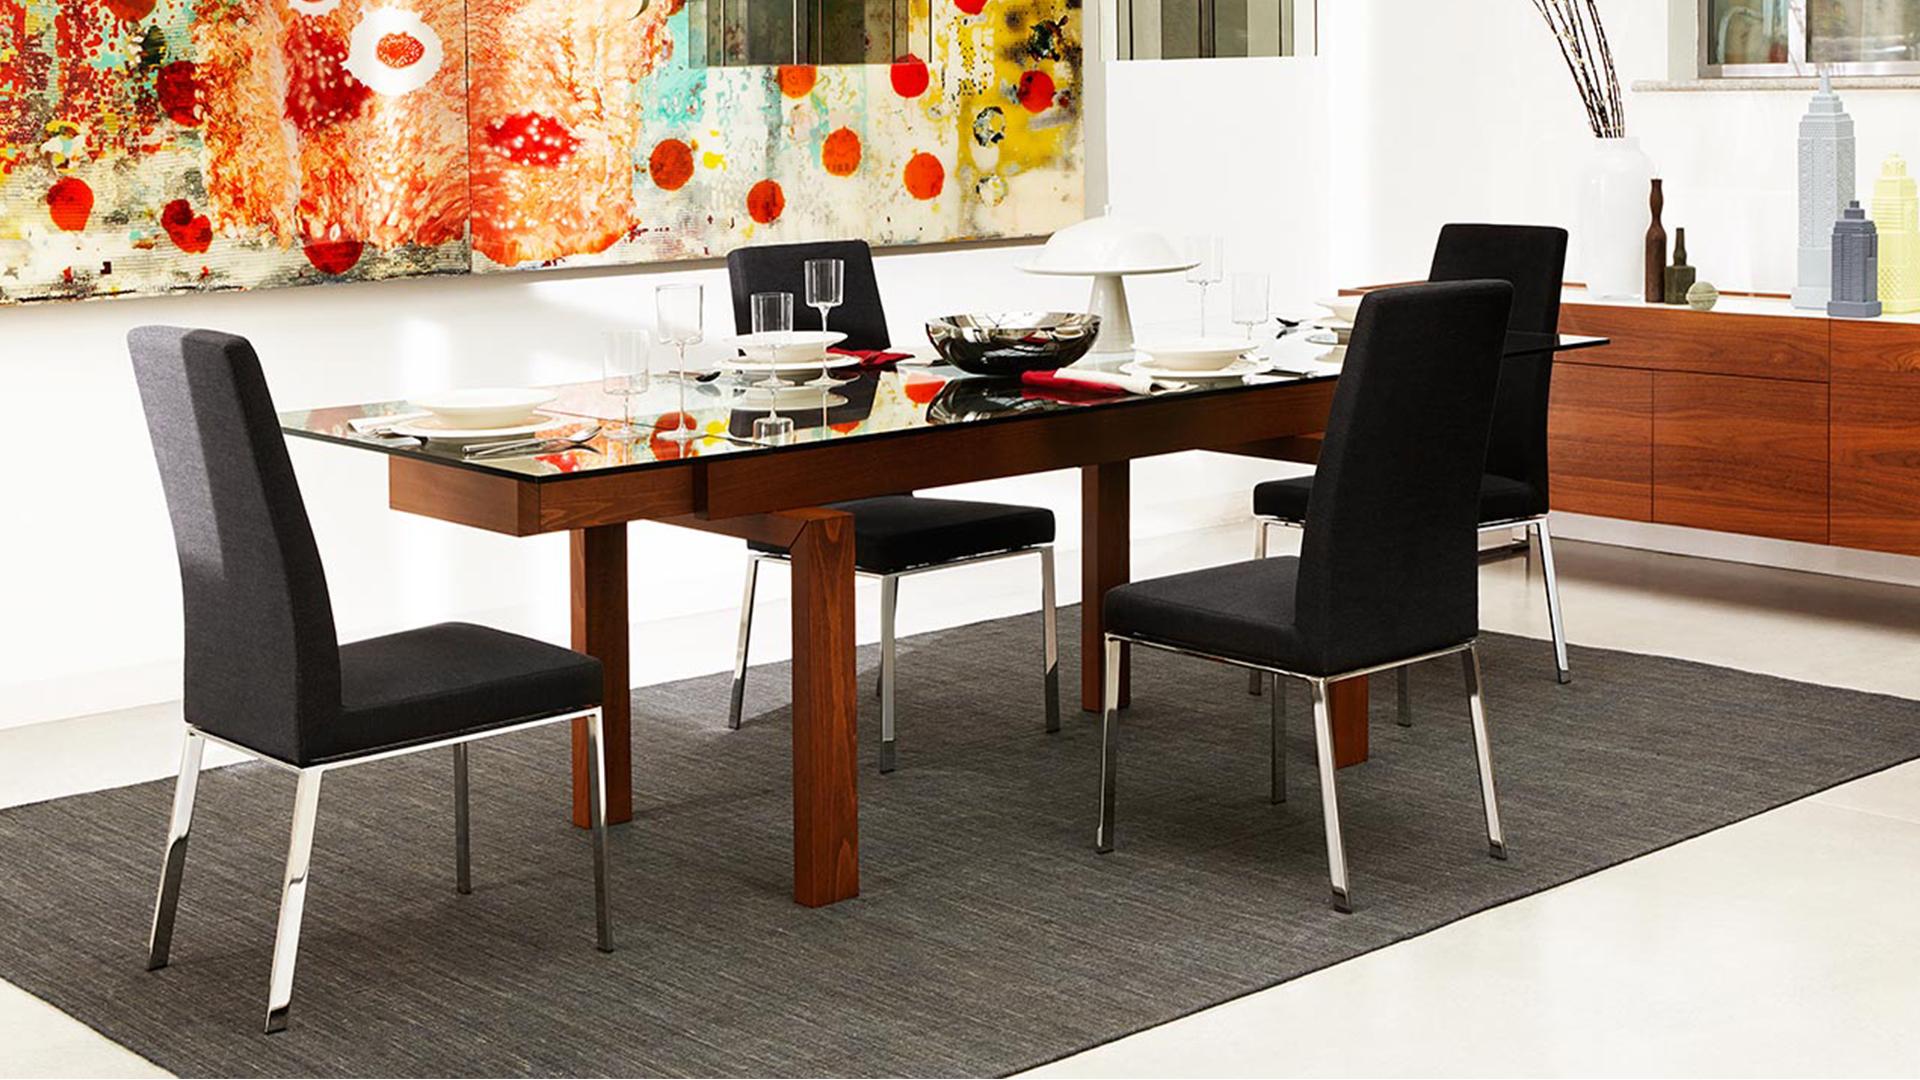 Come scegliere il tavolo da cucina: I consigli di ...